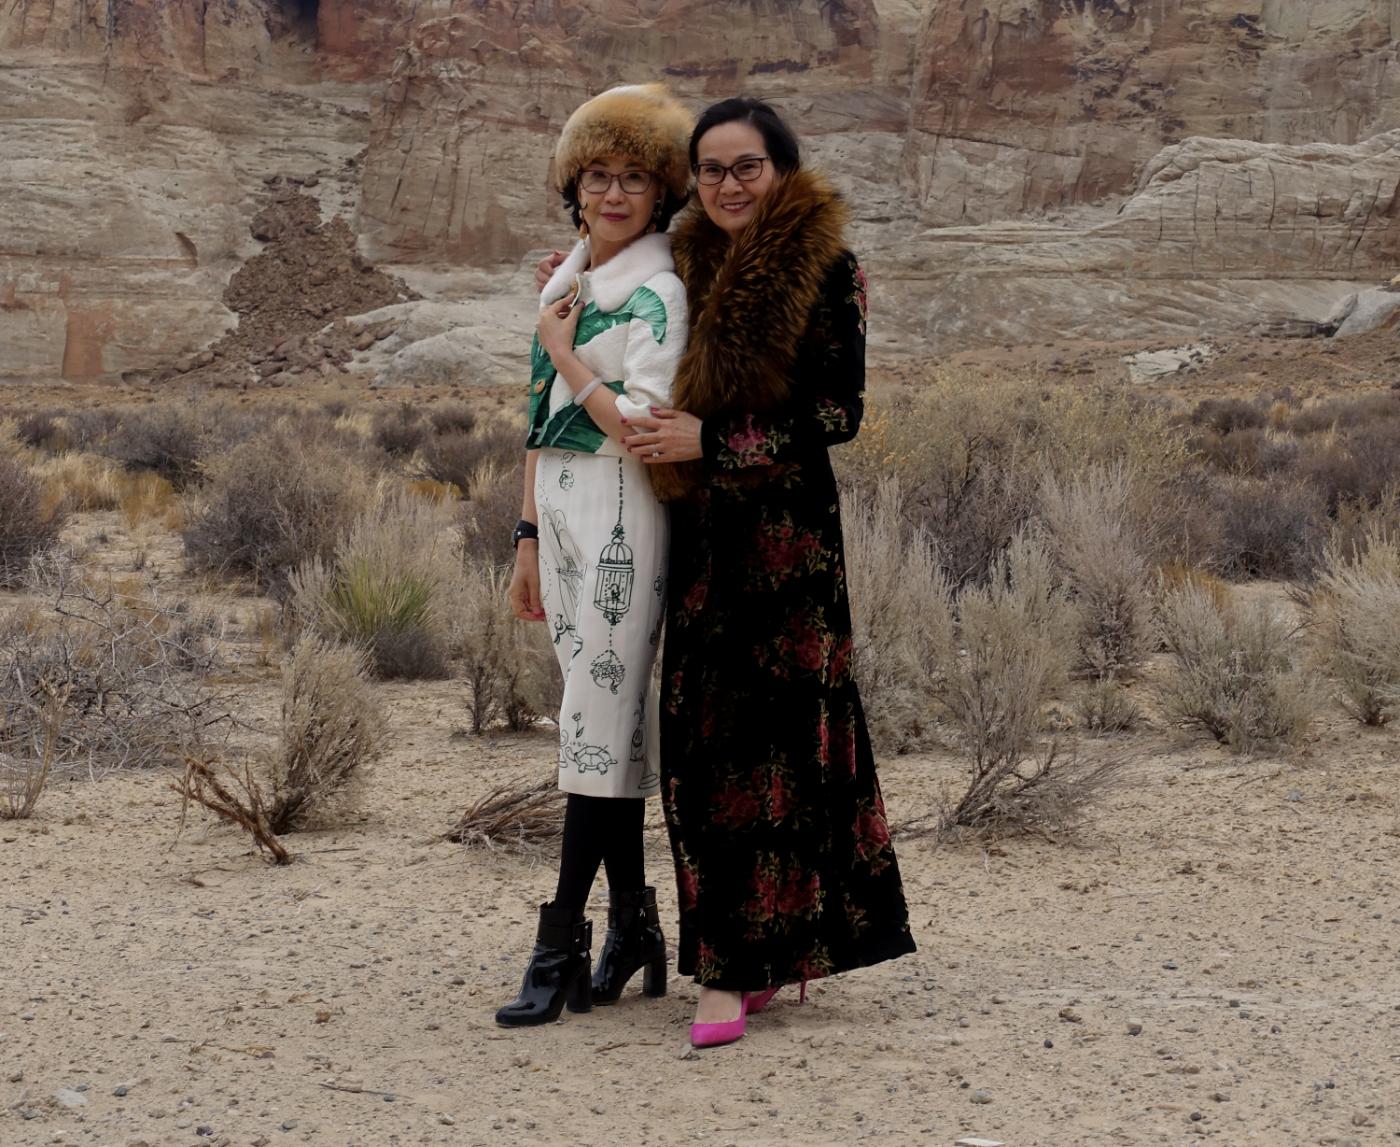 在渺无人烟的大沙漠中如何自得其乐_图1-28